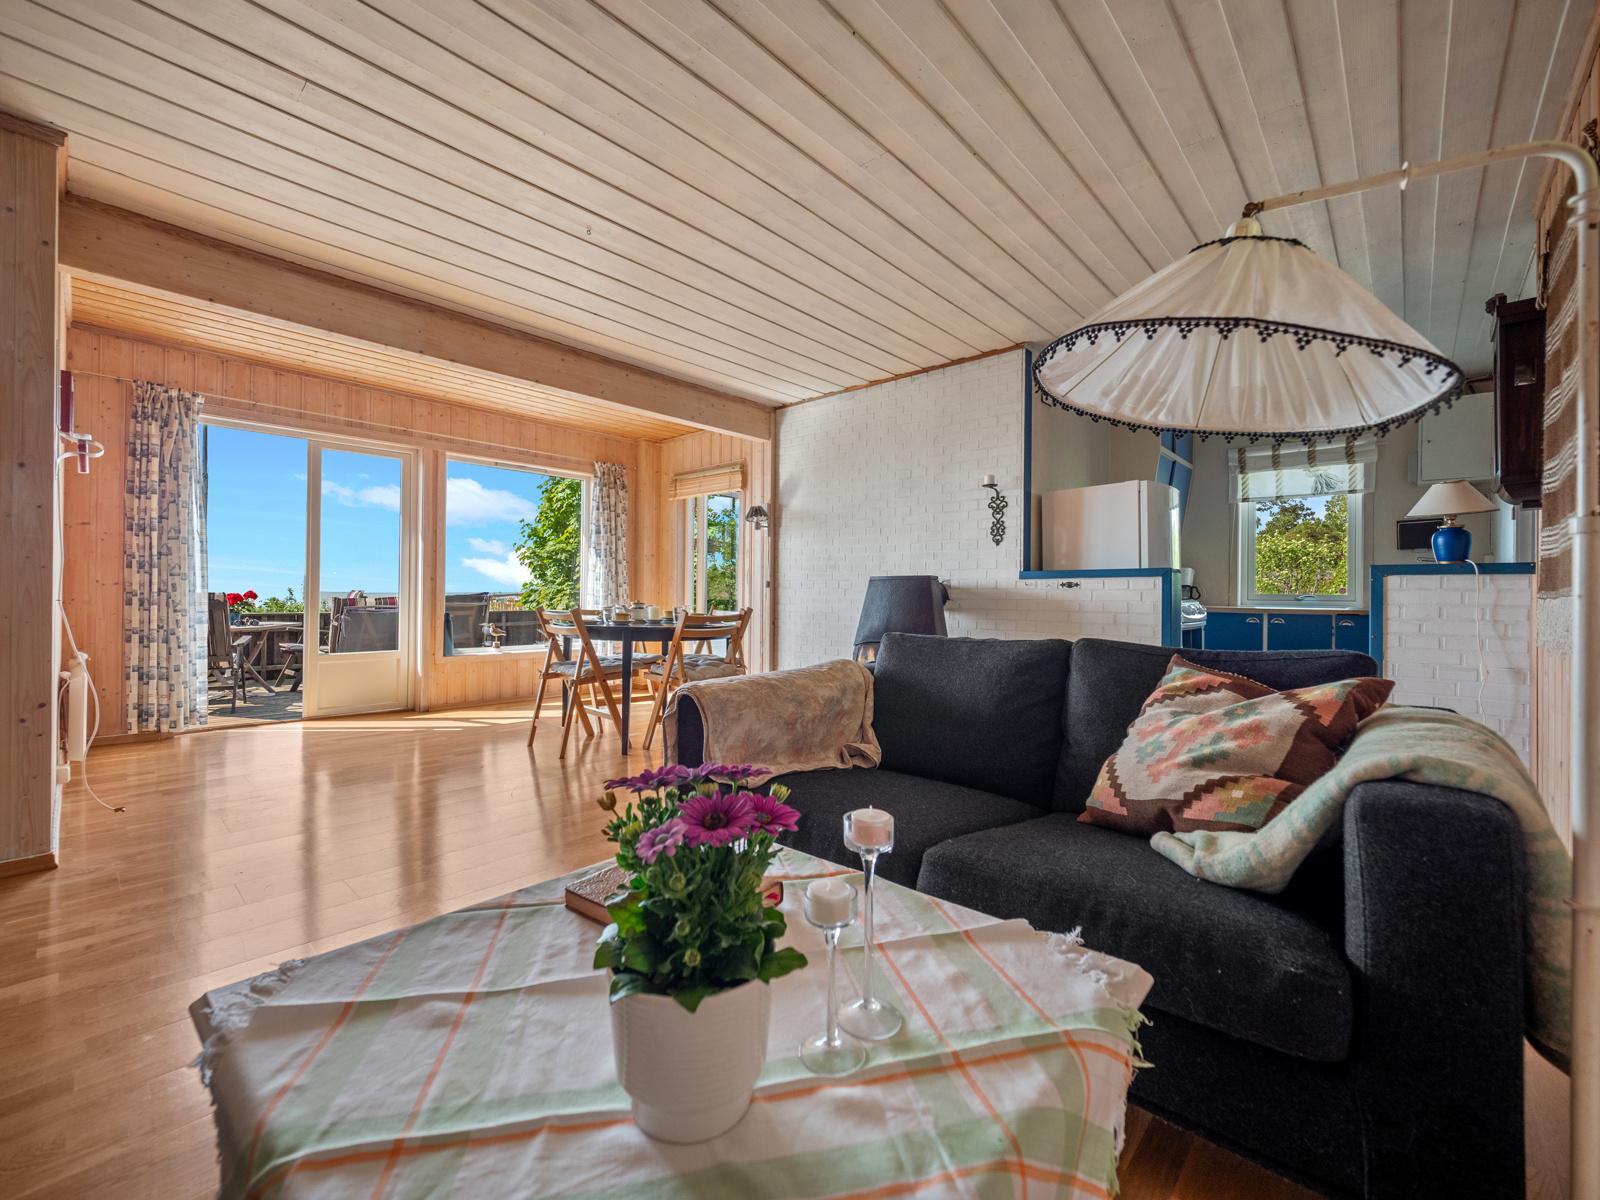 Stuen har god plass til spisebord og sofagruppe